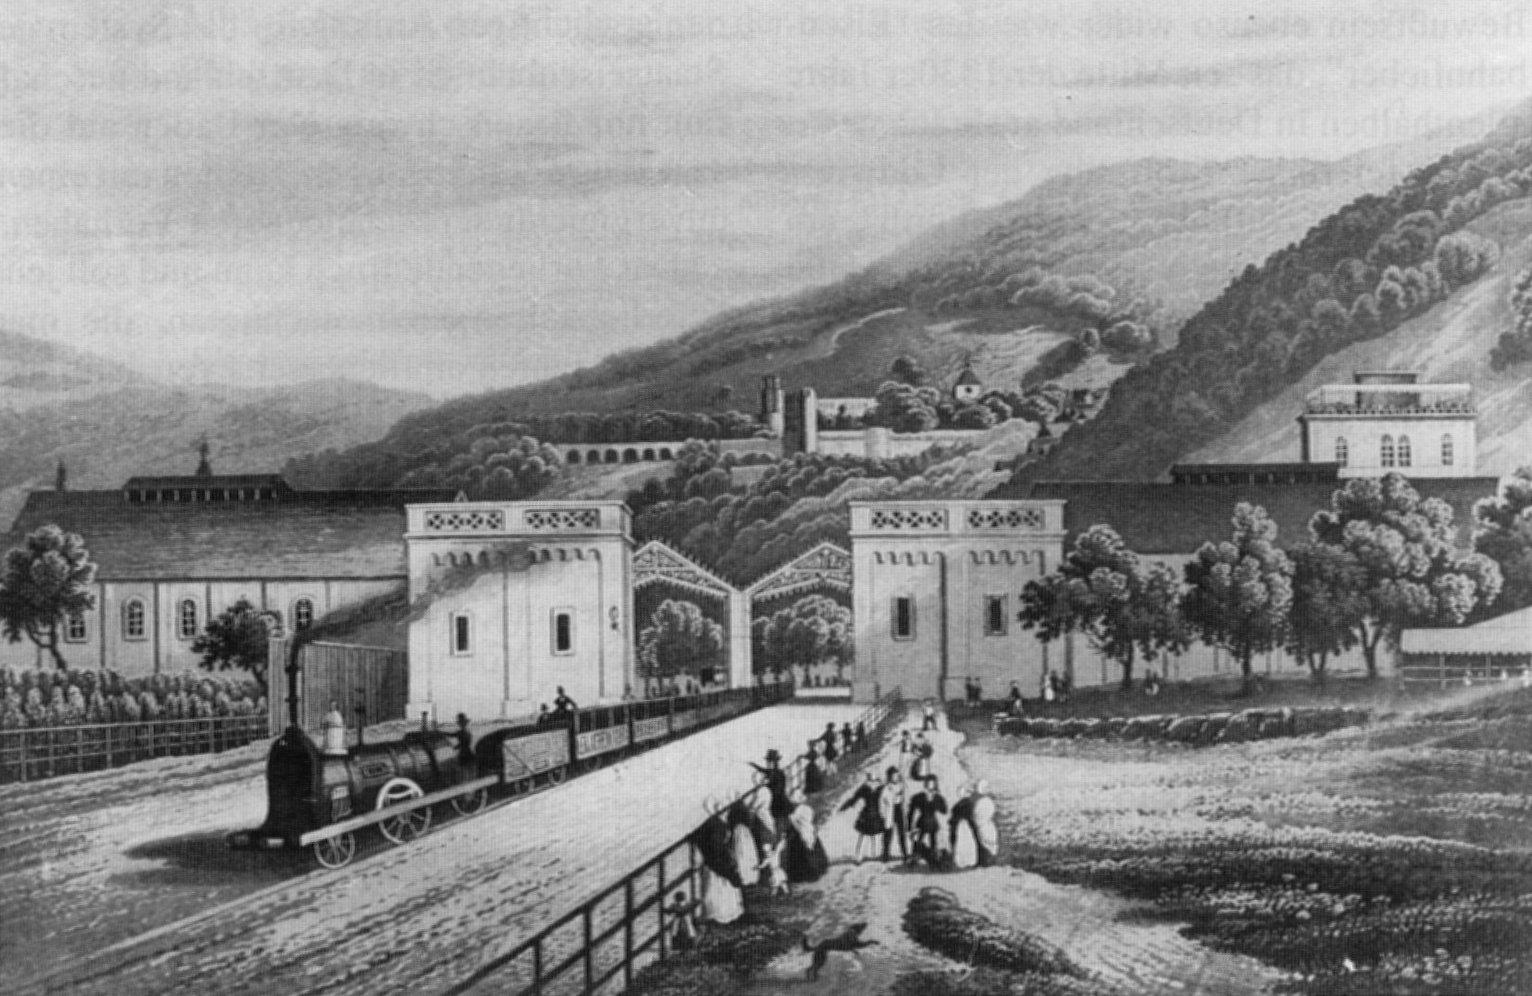 Ausfahrt eines Zuges aus dem Heidelberger Bahnhof, 1840